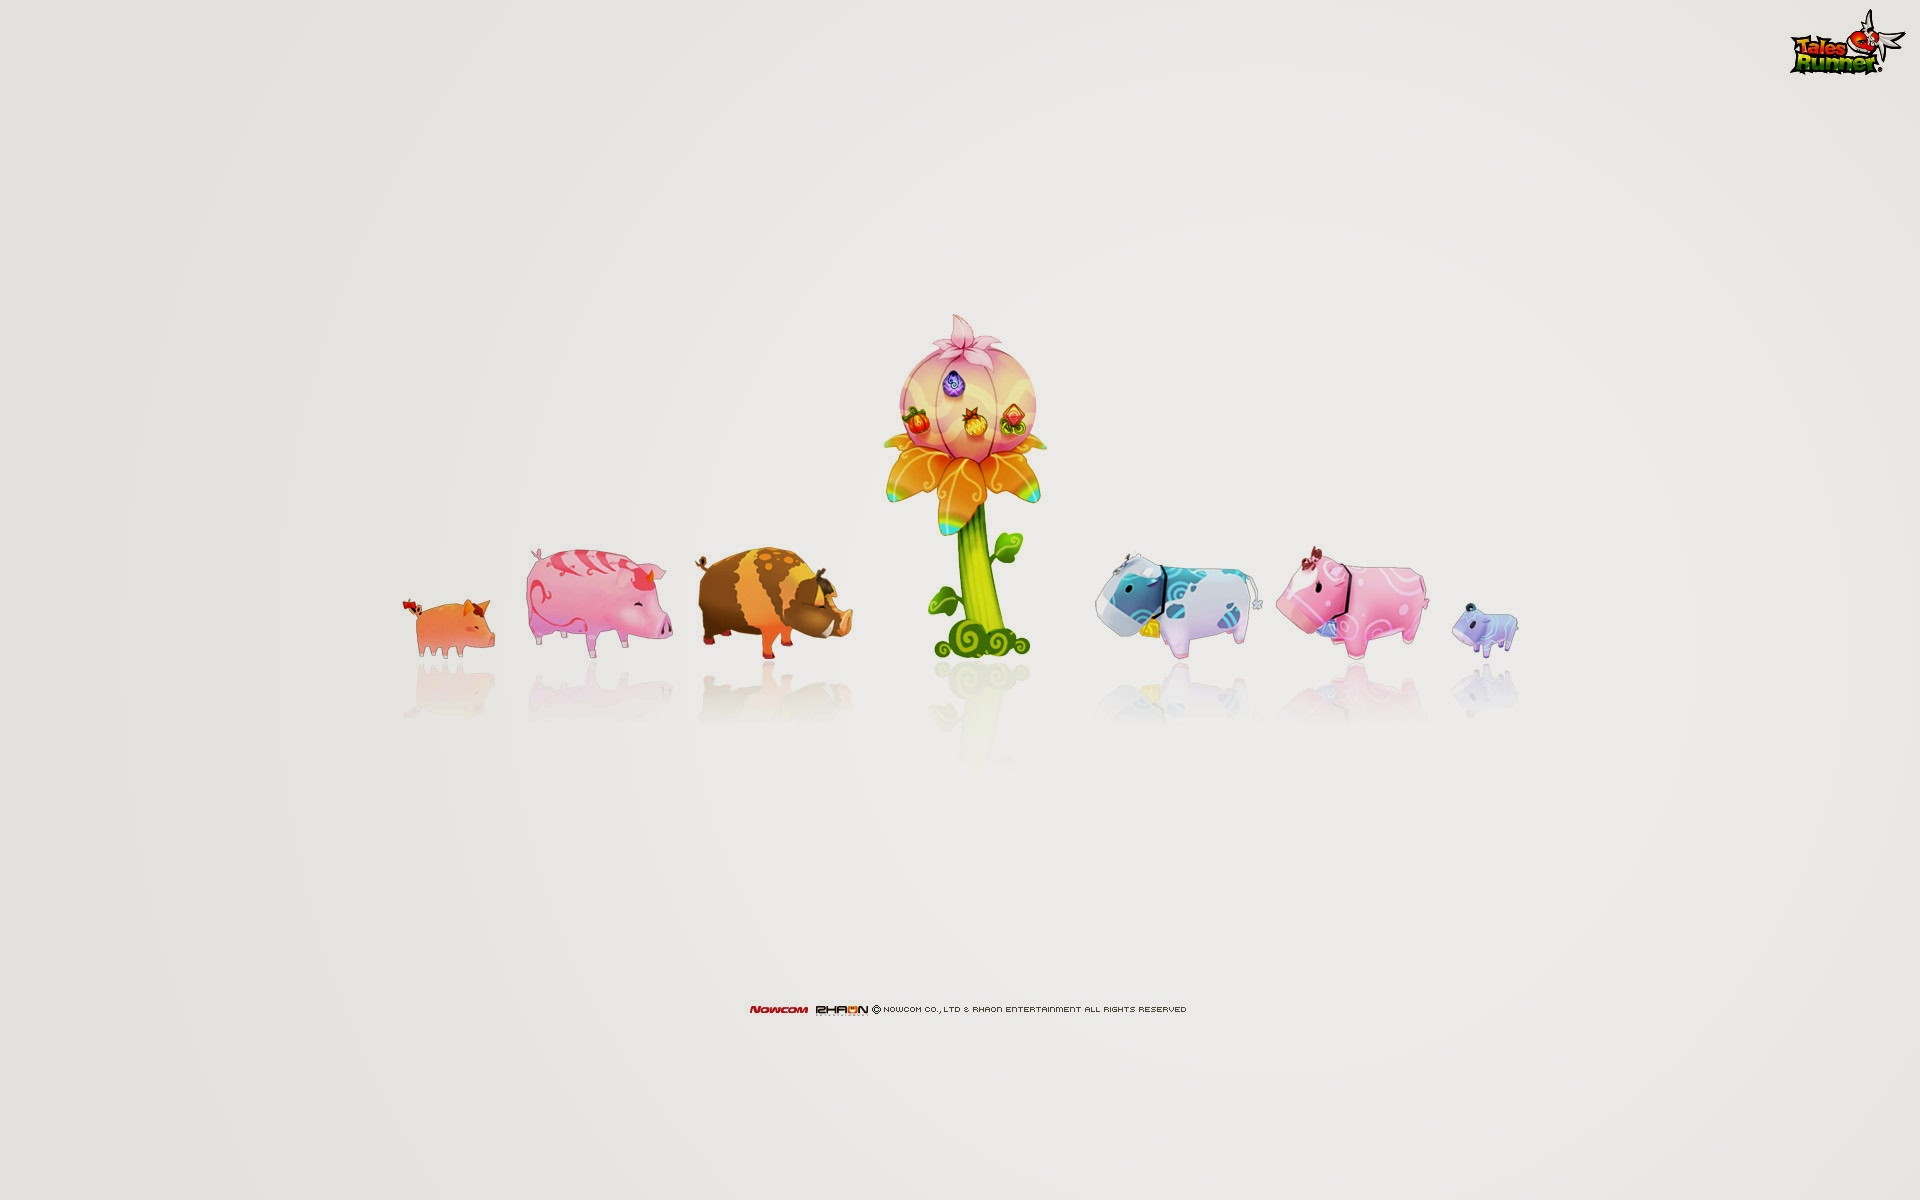 Ngắm hình nền dễ thương của GoGoRun Bắc Mỹ - Ảnh 10